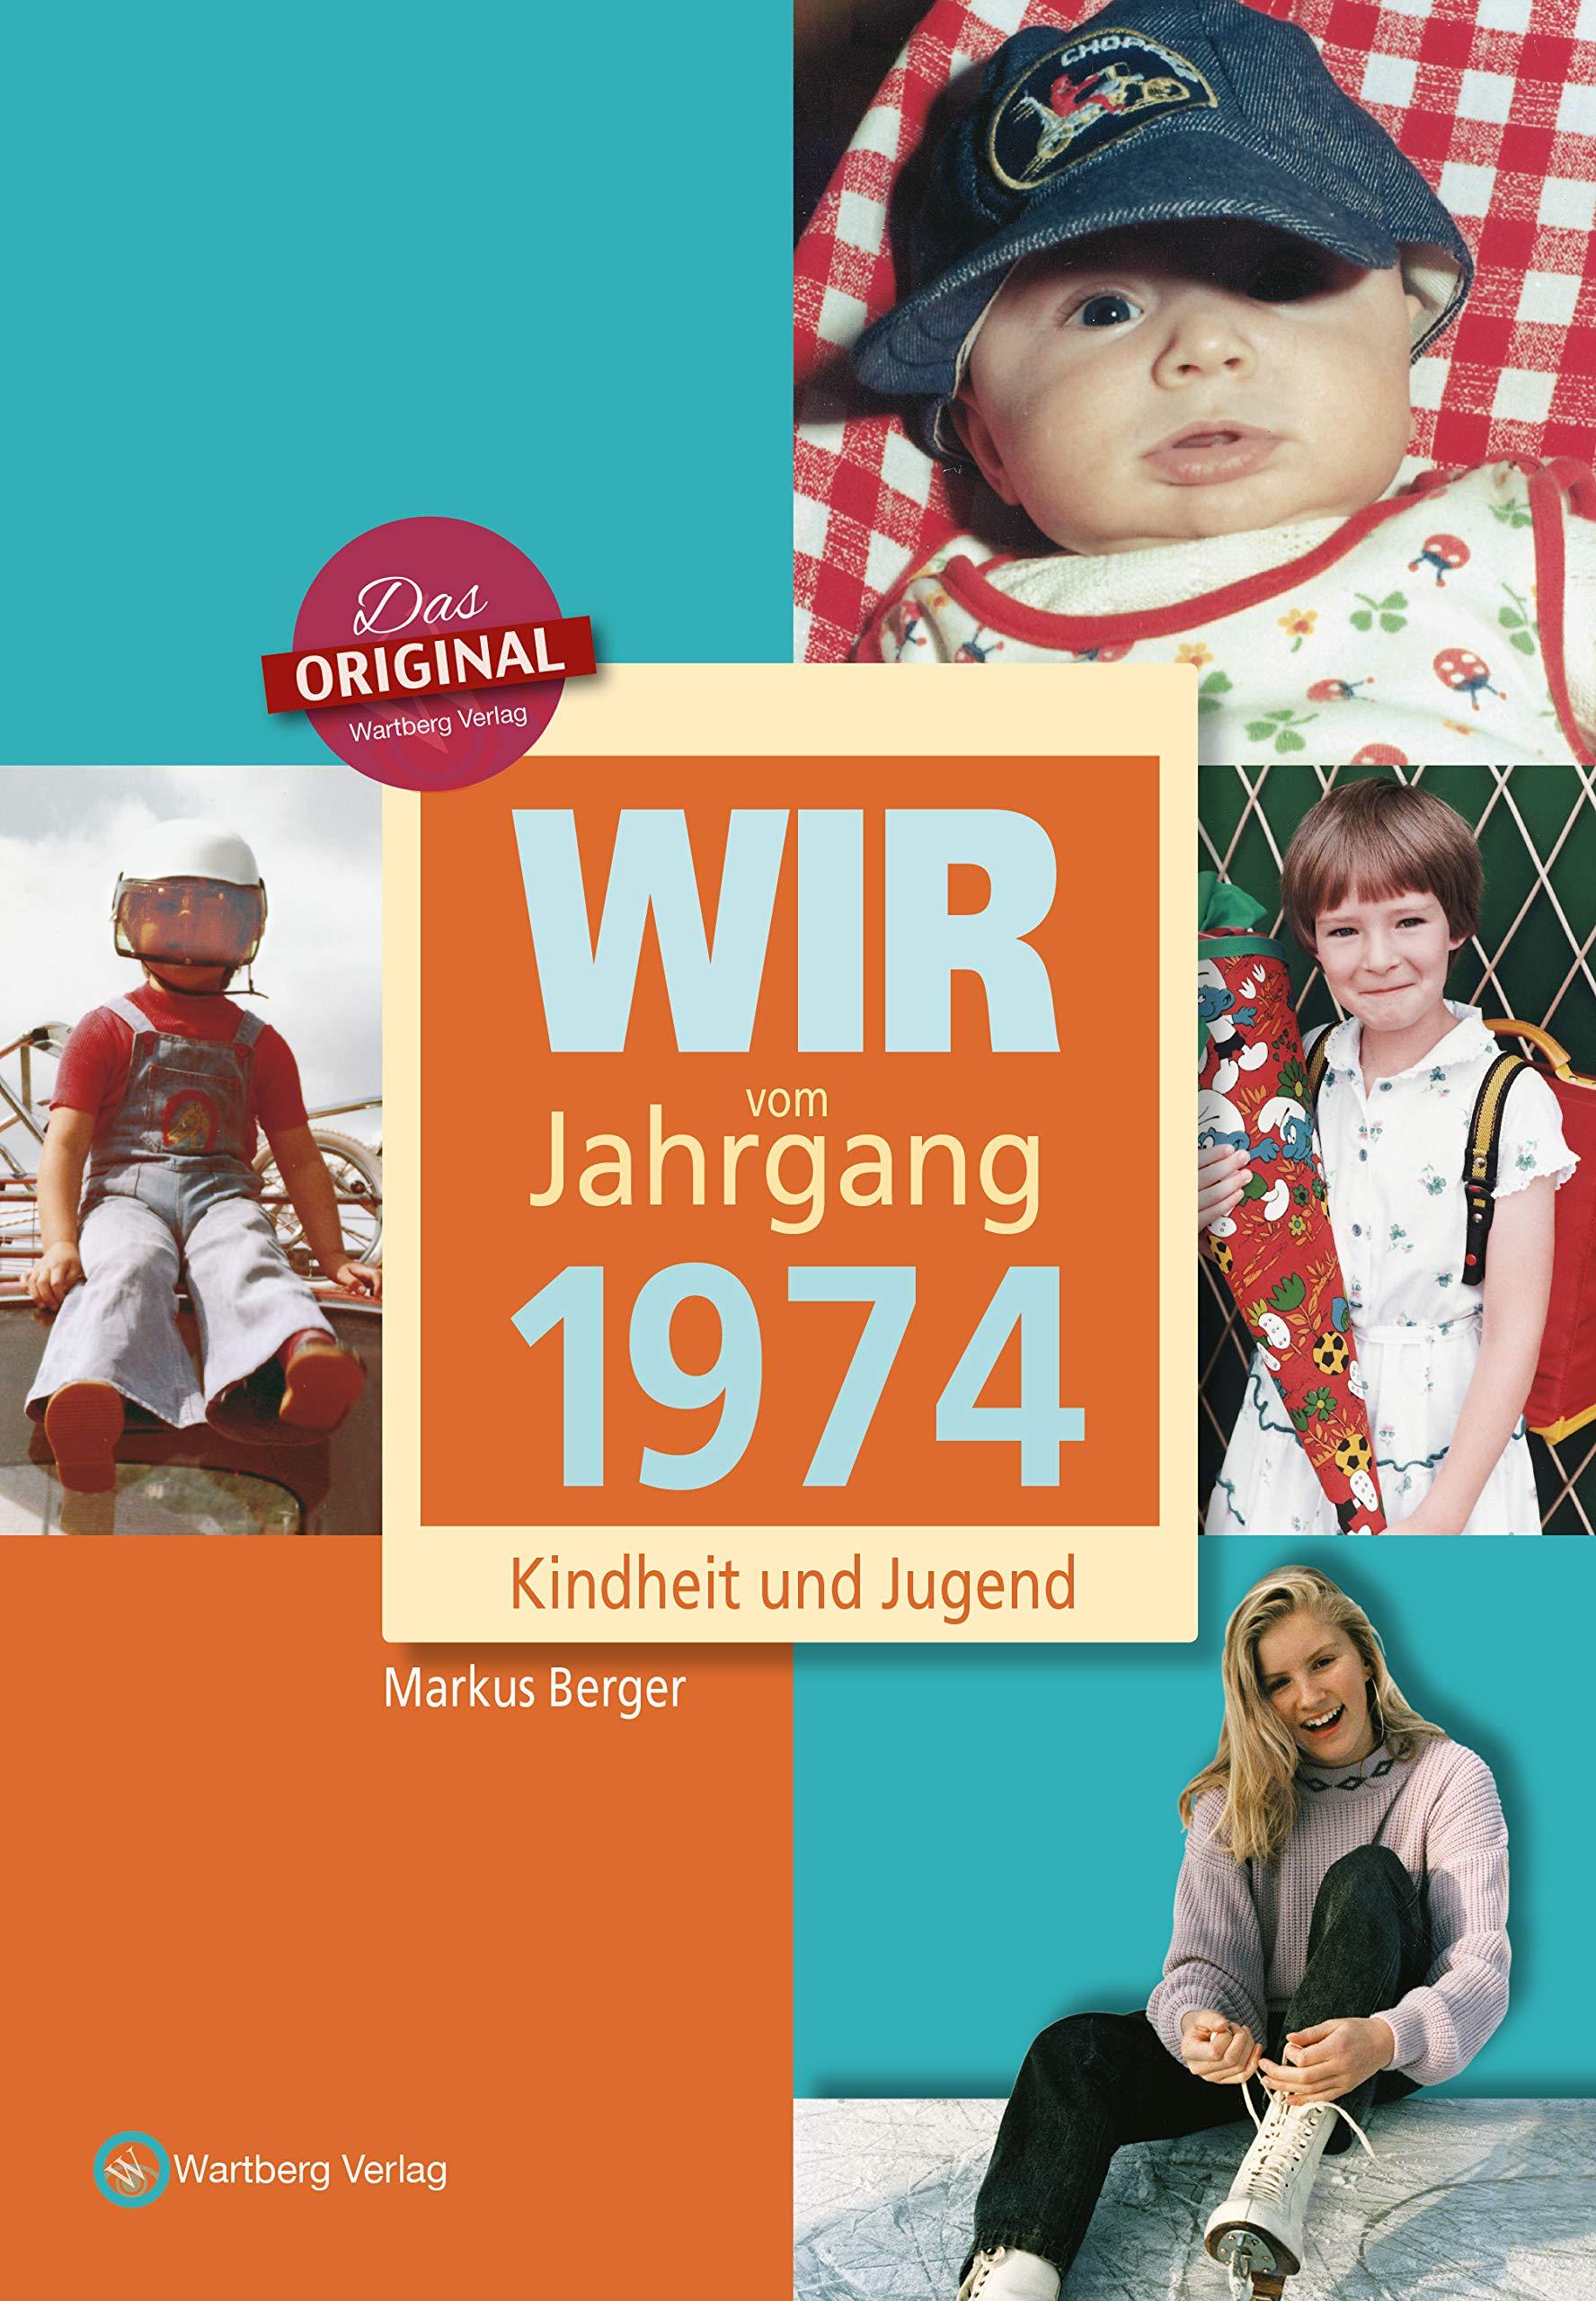 Wir vom Jahrgang 1974 - Kindheit und Jugend (Jahrgangsbände)